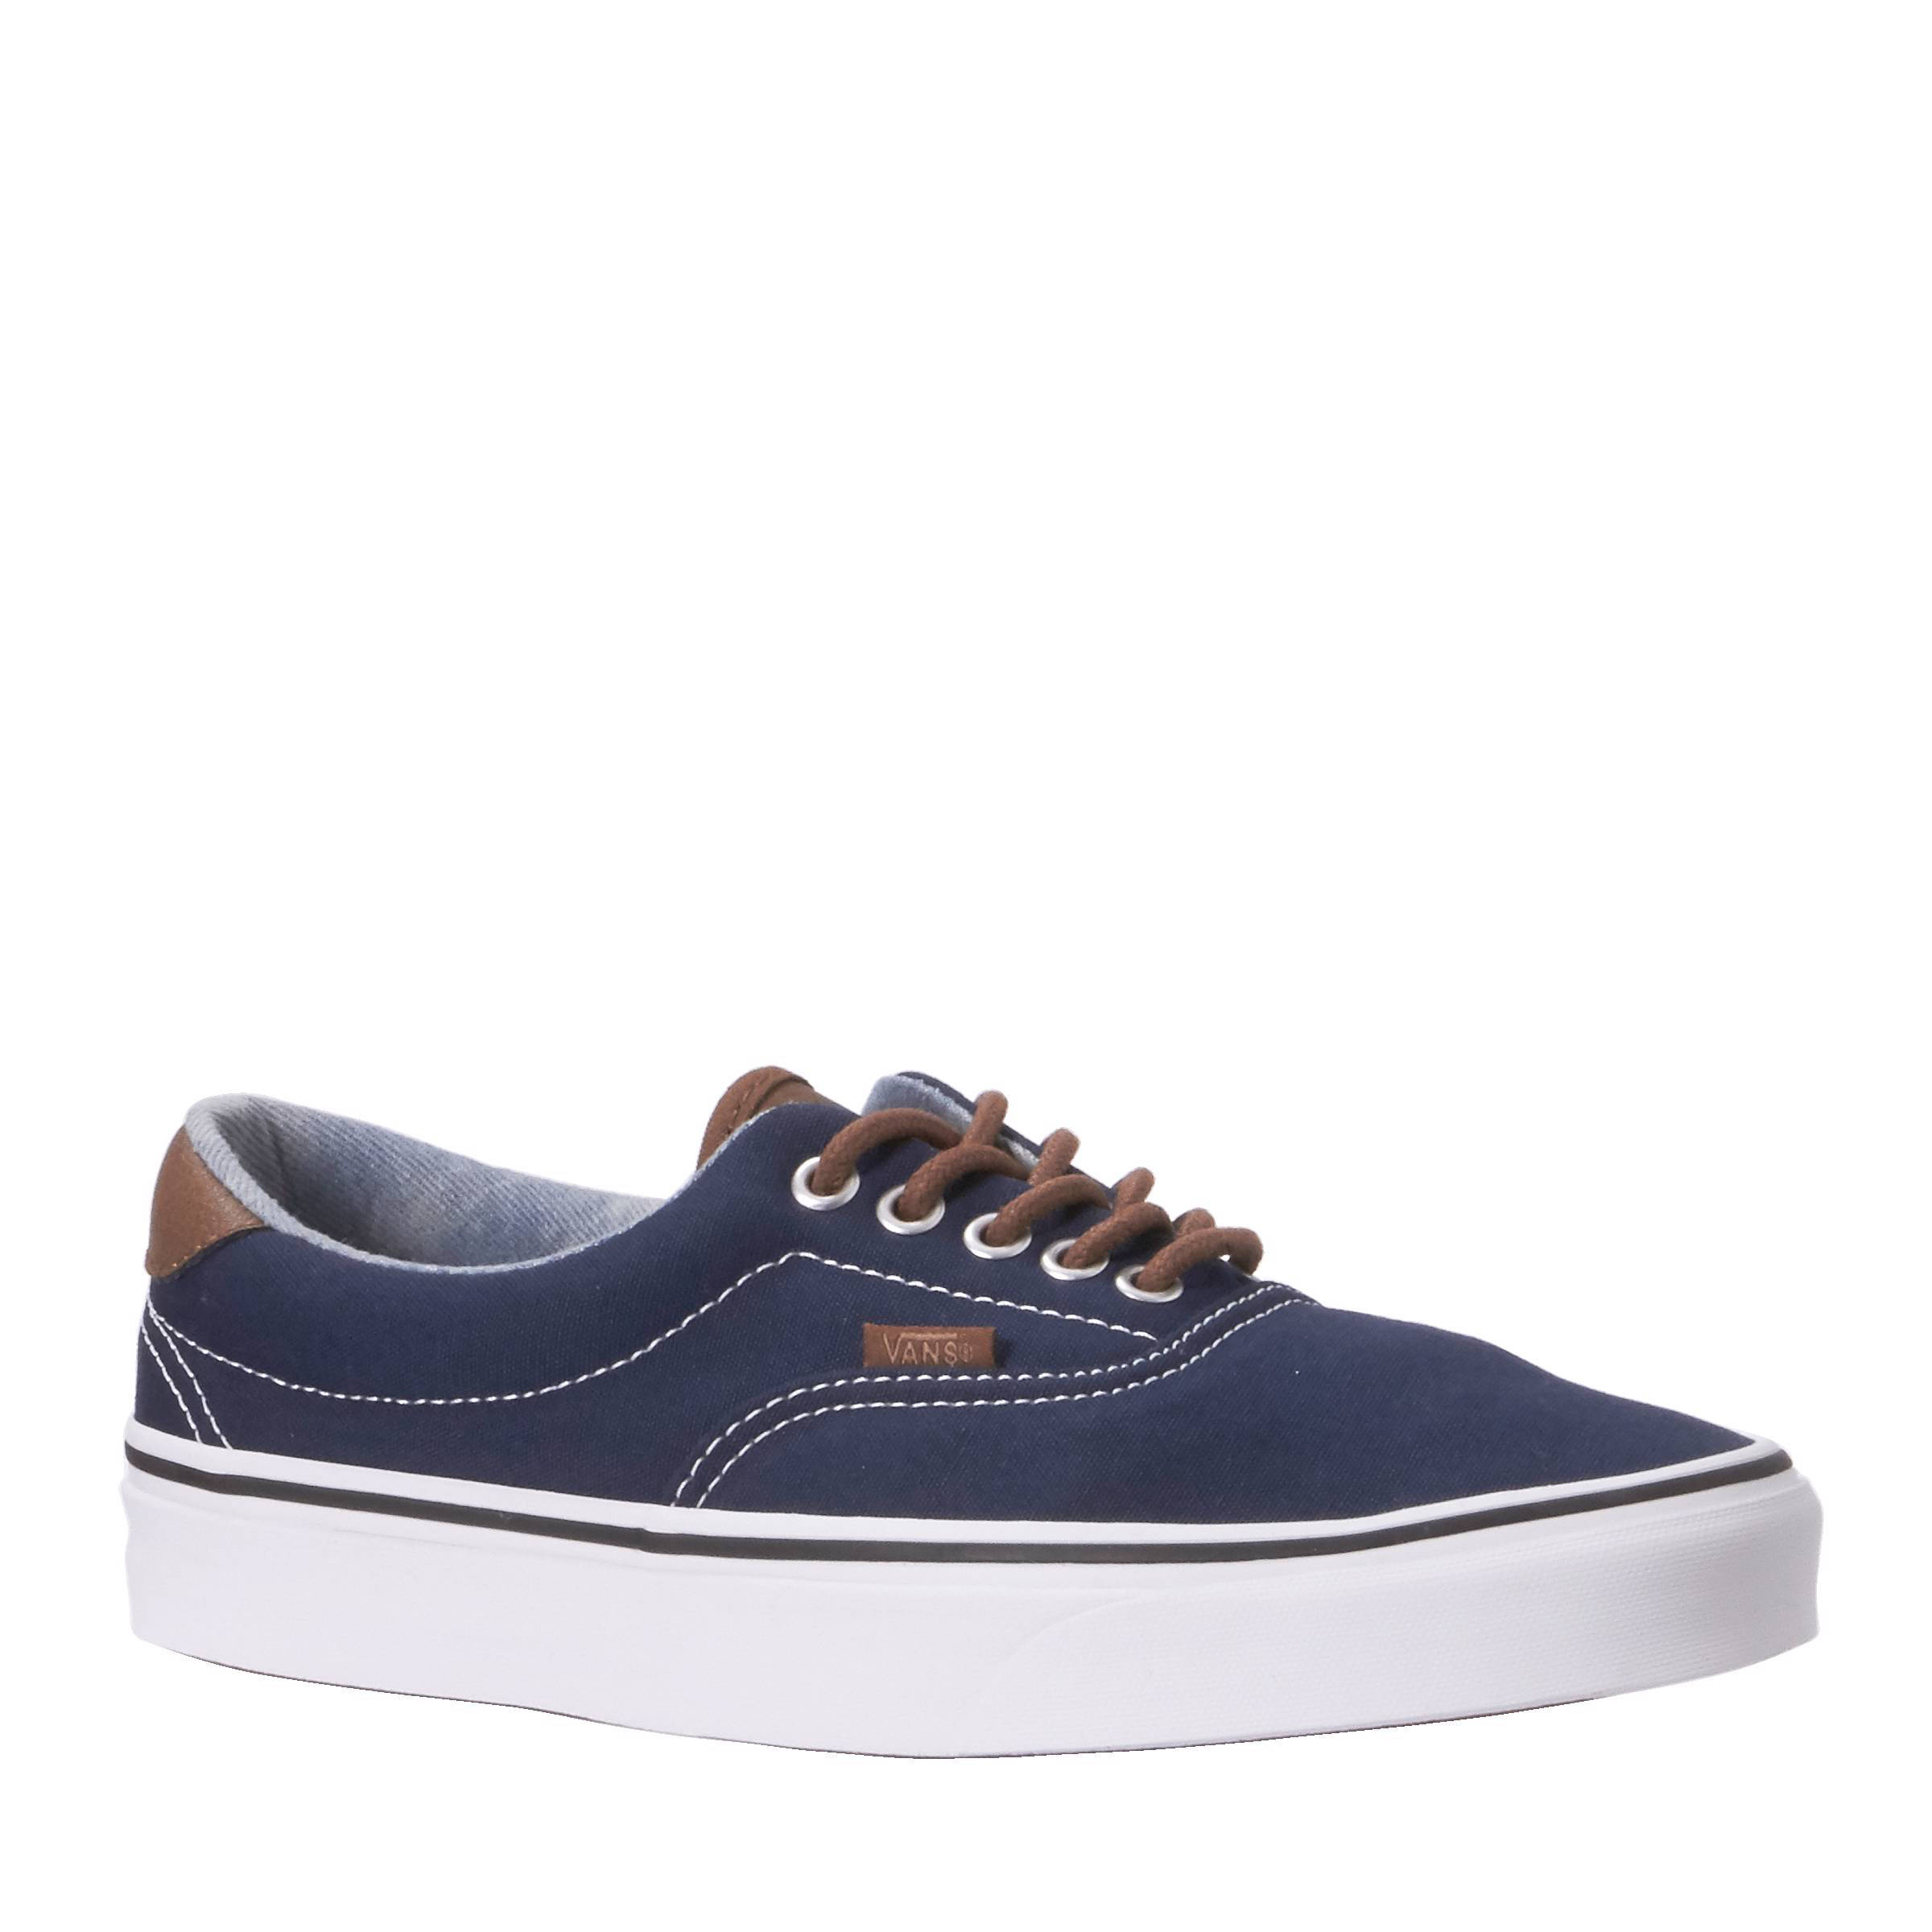 Vans Wehkamp 59 Era Vans Era Sneakers HxSZ4pqpn